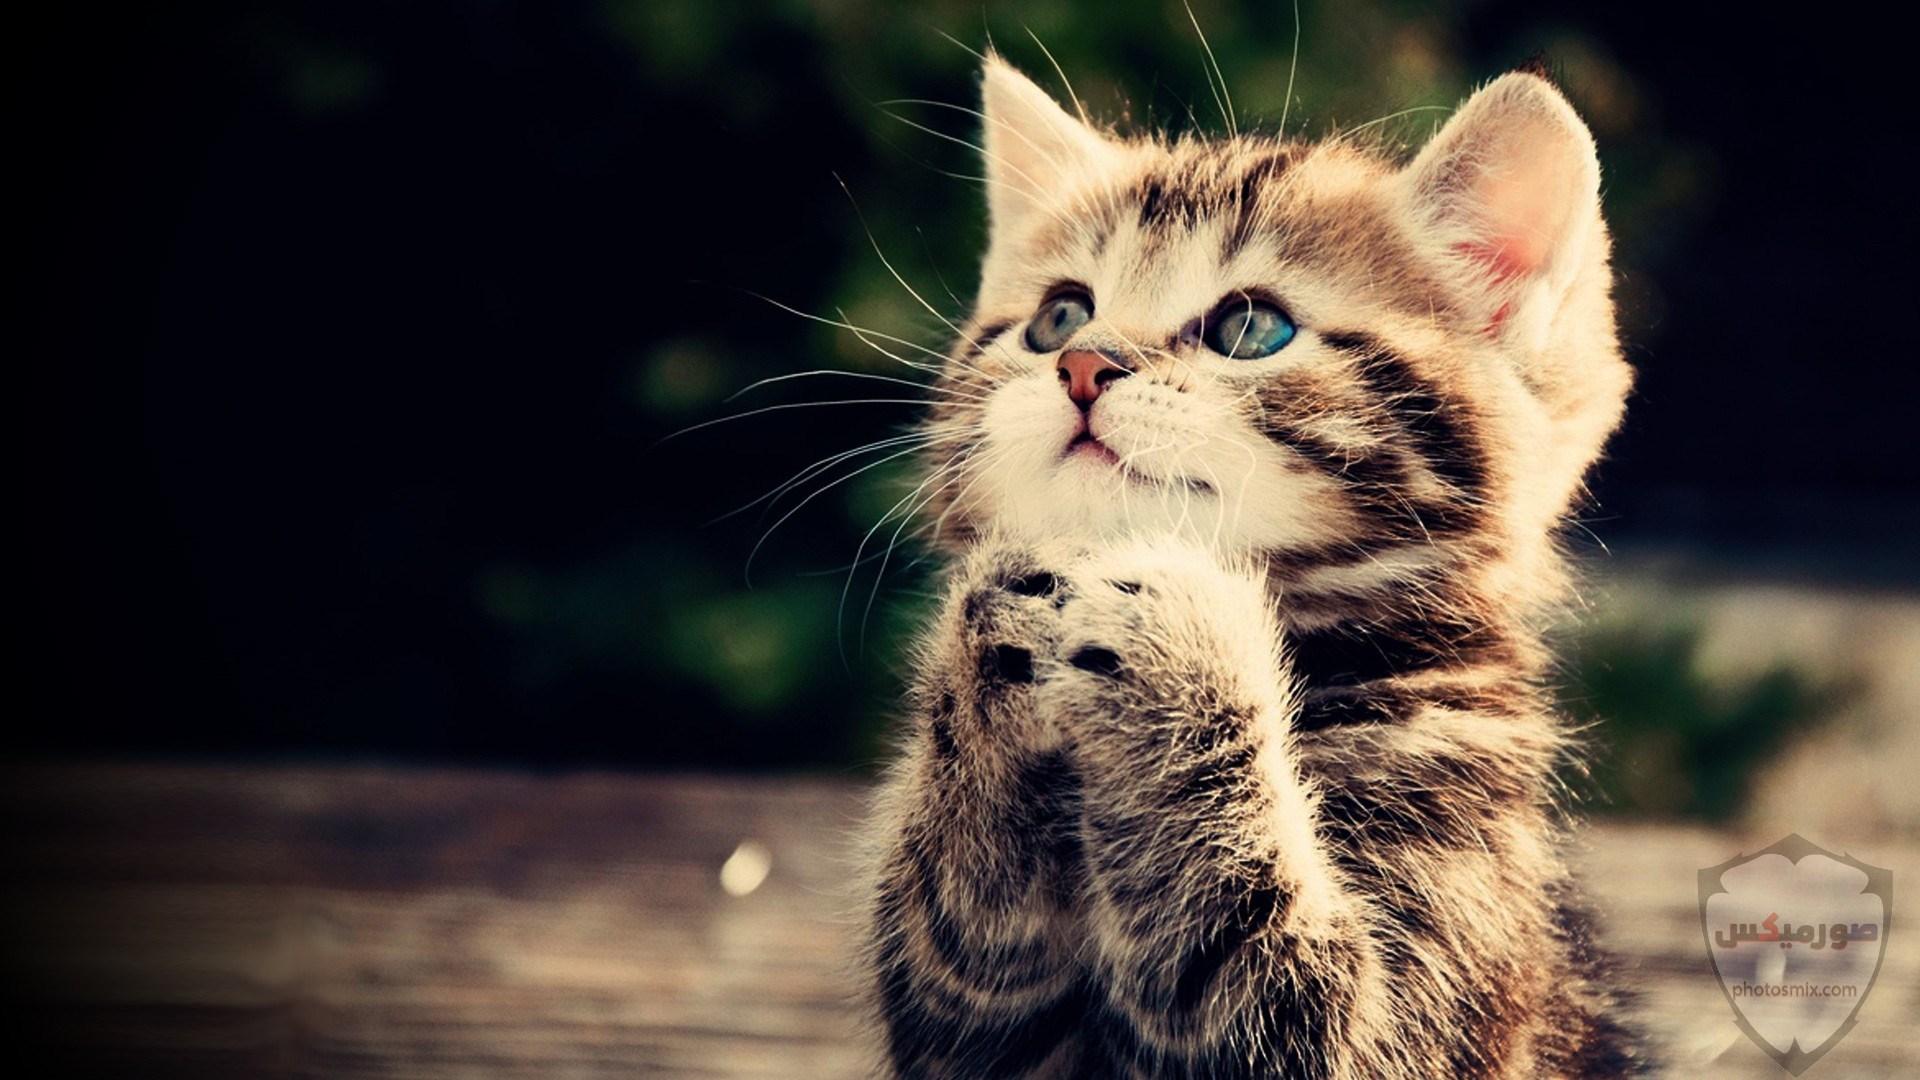 صور خلفيات رمزيات قطط كيوت صورة قطة كيوت جدا 49